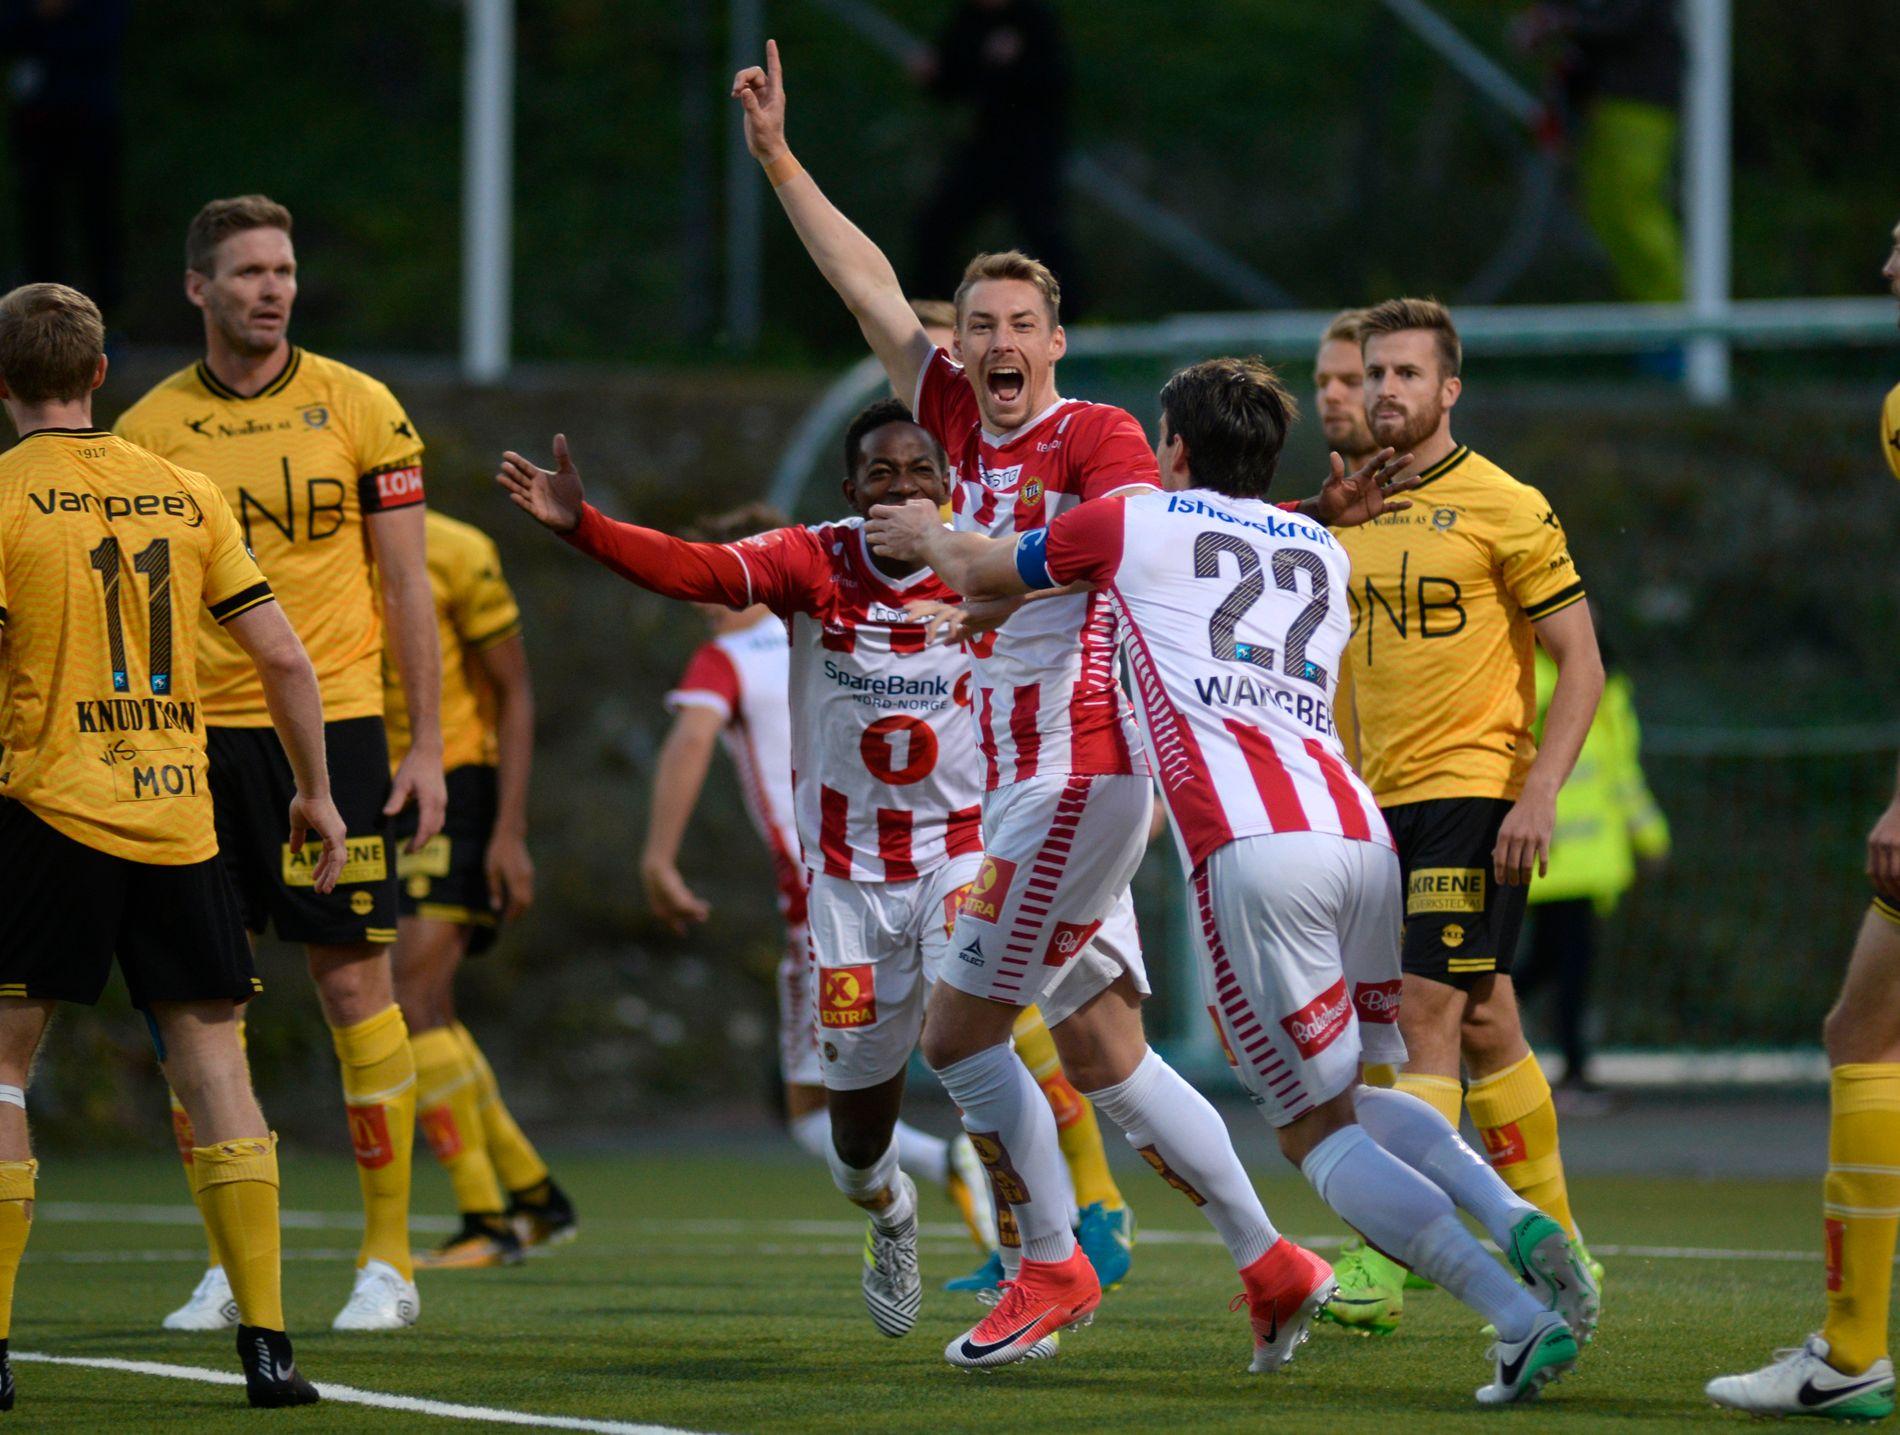 MER JUBEL? Magnar Ødegaard feirer etter scoring i 2017.